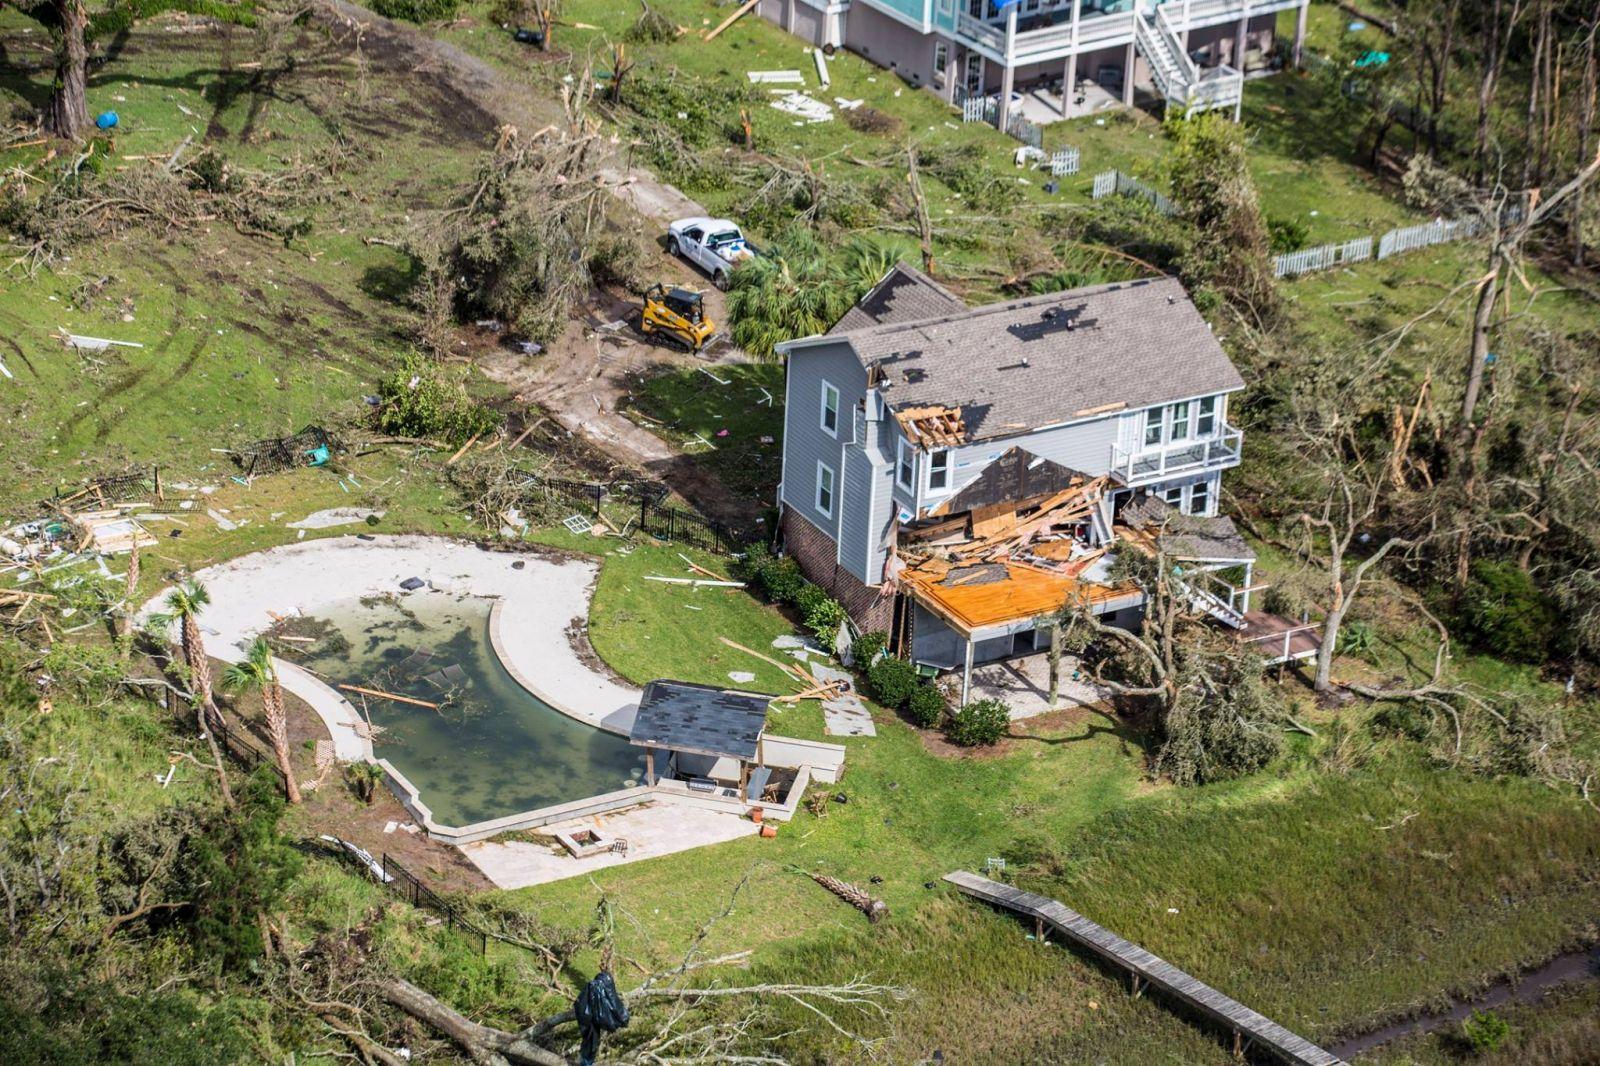 Johns Island, SC Tornado - September 25, 2015